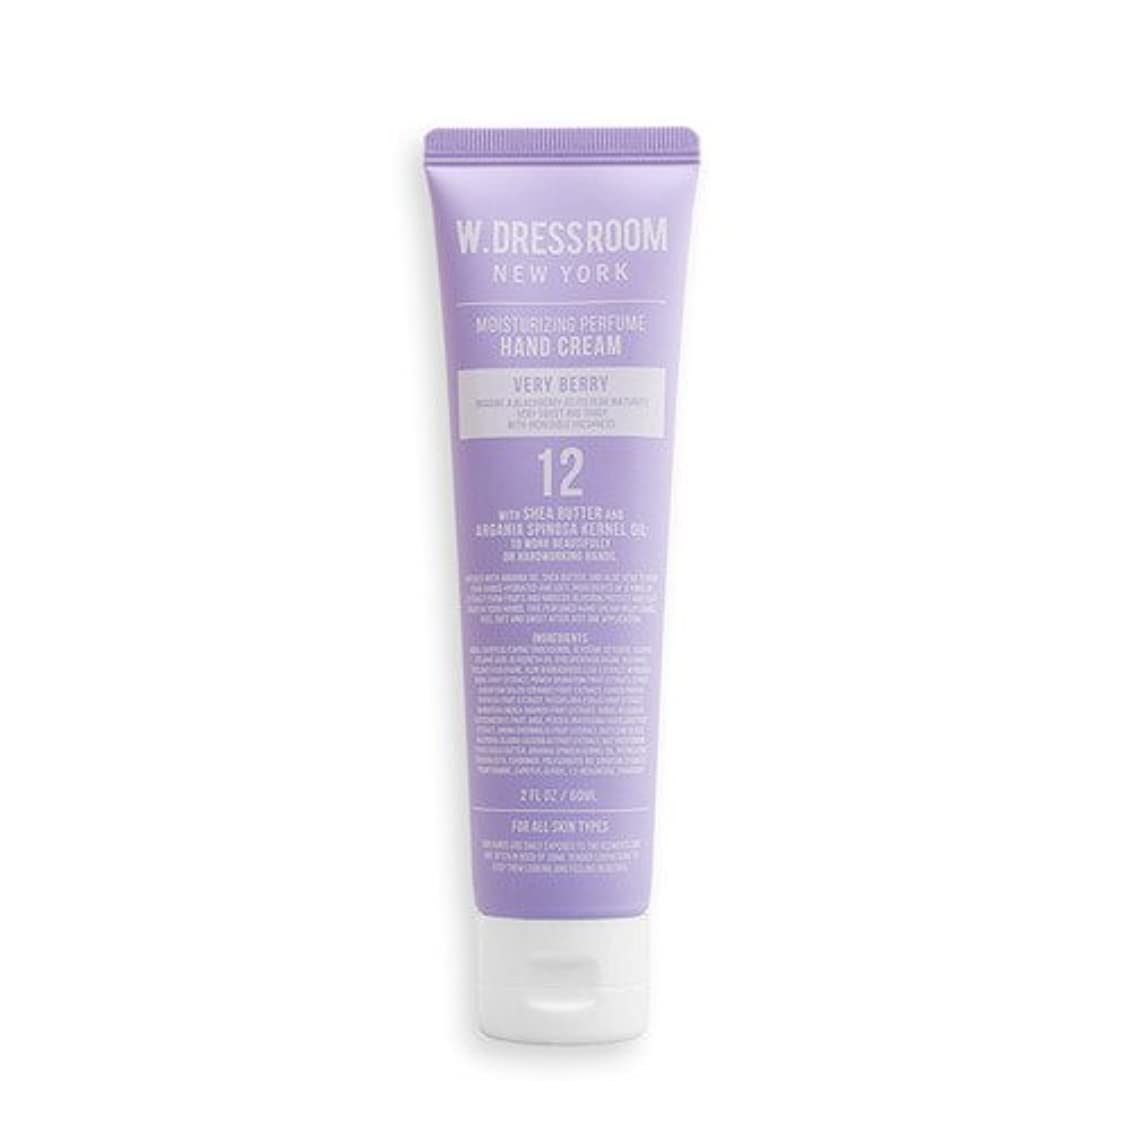 かどうか危険な法的W.DRESSROOM Moisturizing Perfume Hand Cream 60ml/ダブルドレスルーム モイスチャライジング パフューム ハンドクリーム 60ml (#No.12 Very Berry) [並行輸入品]